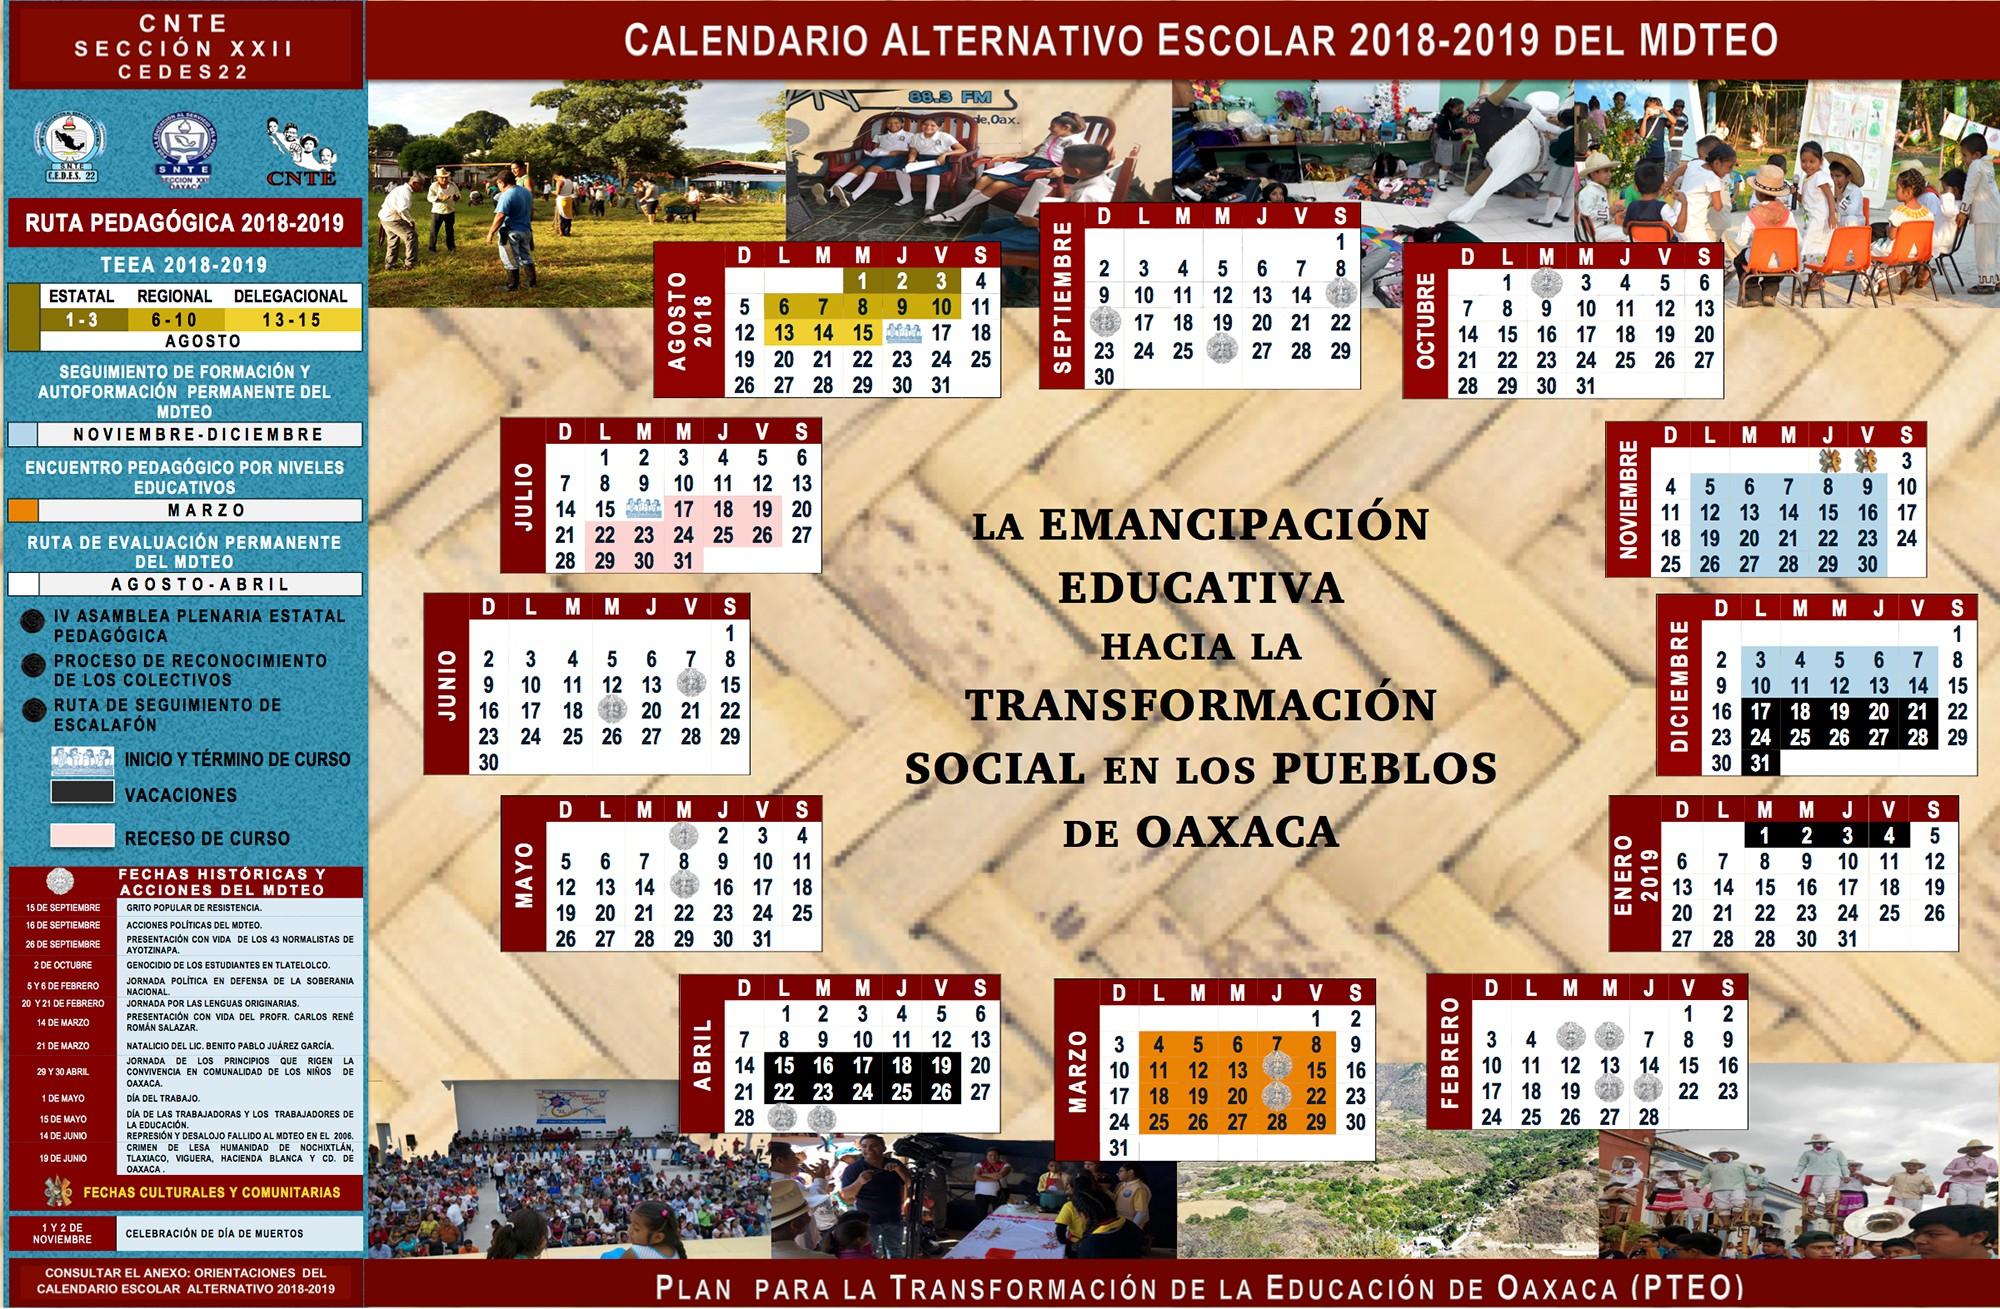 Calendario Escolar 2019 A Más Actual Calendario Alternativo Escolar 2018 2019 Del Mdteo Of Calendario Escolar 2019 A Más Caliente Calendario Escolar